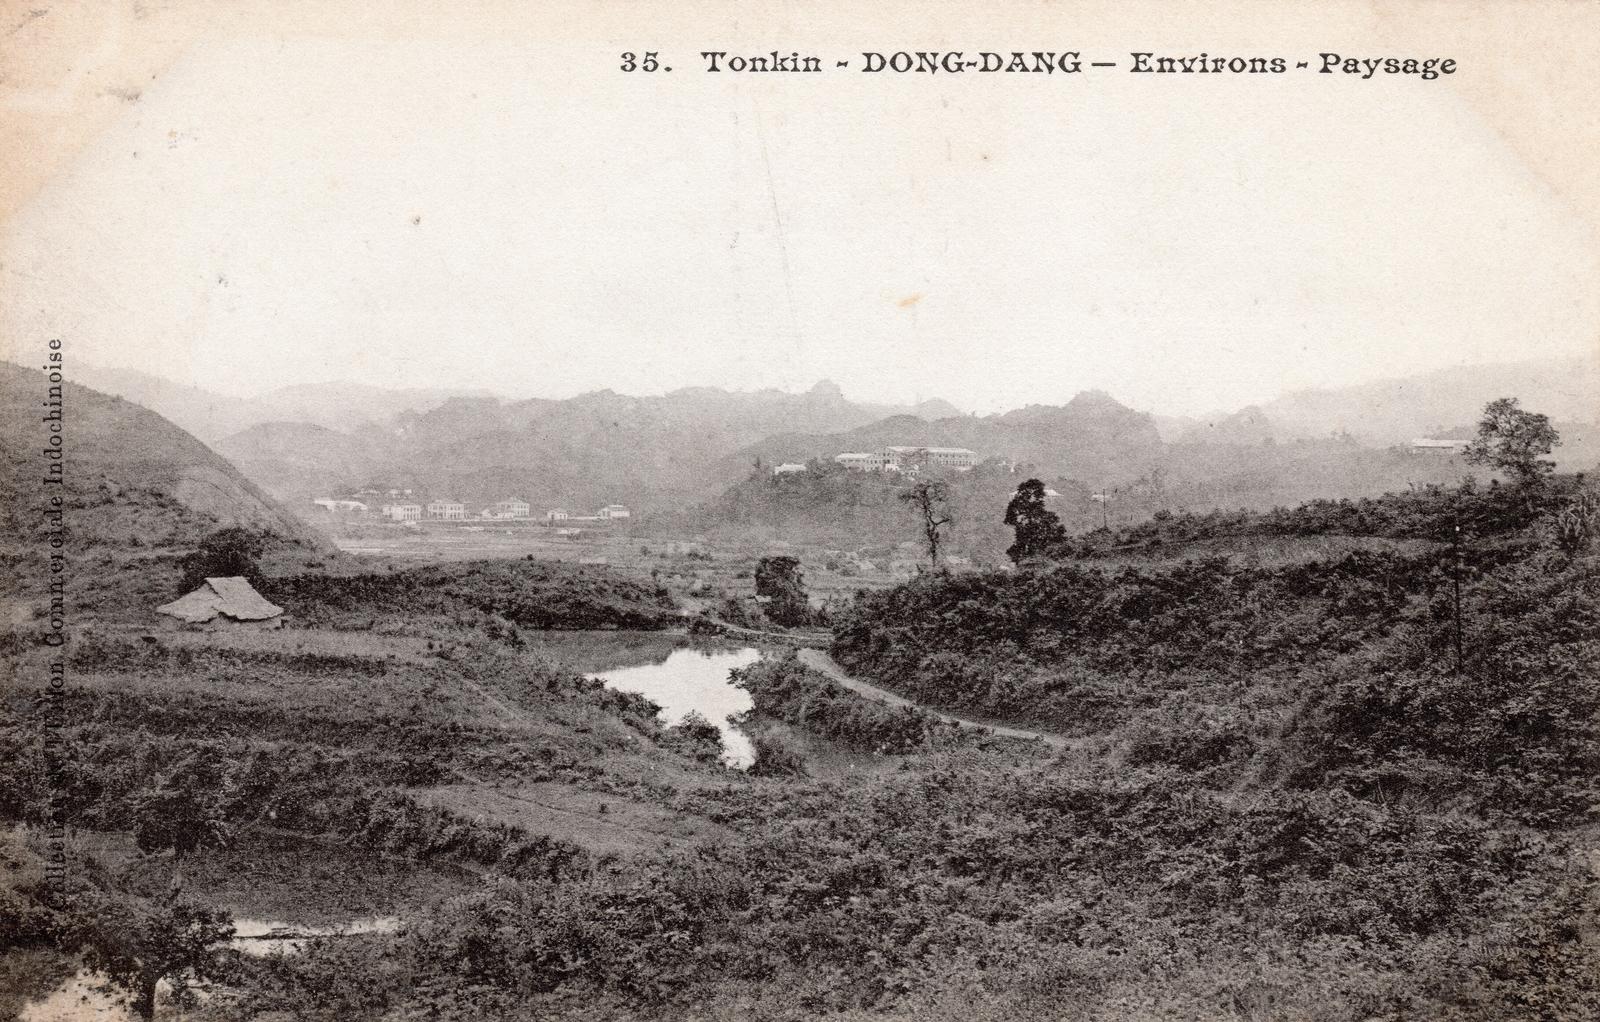 Dong Dang -  TONKIN-Dong Dang-Environs-Paysage